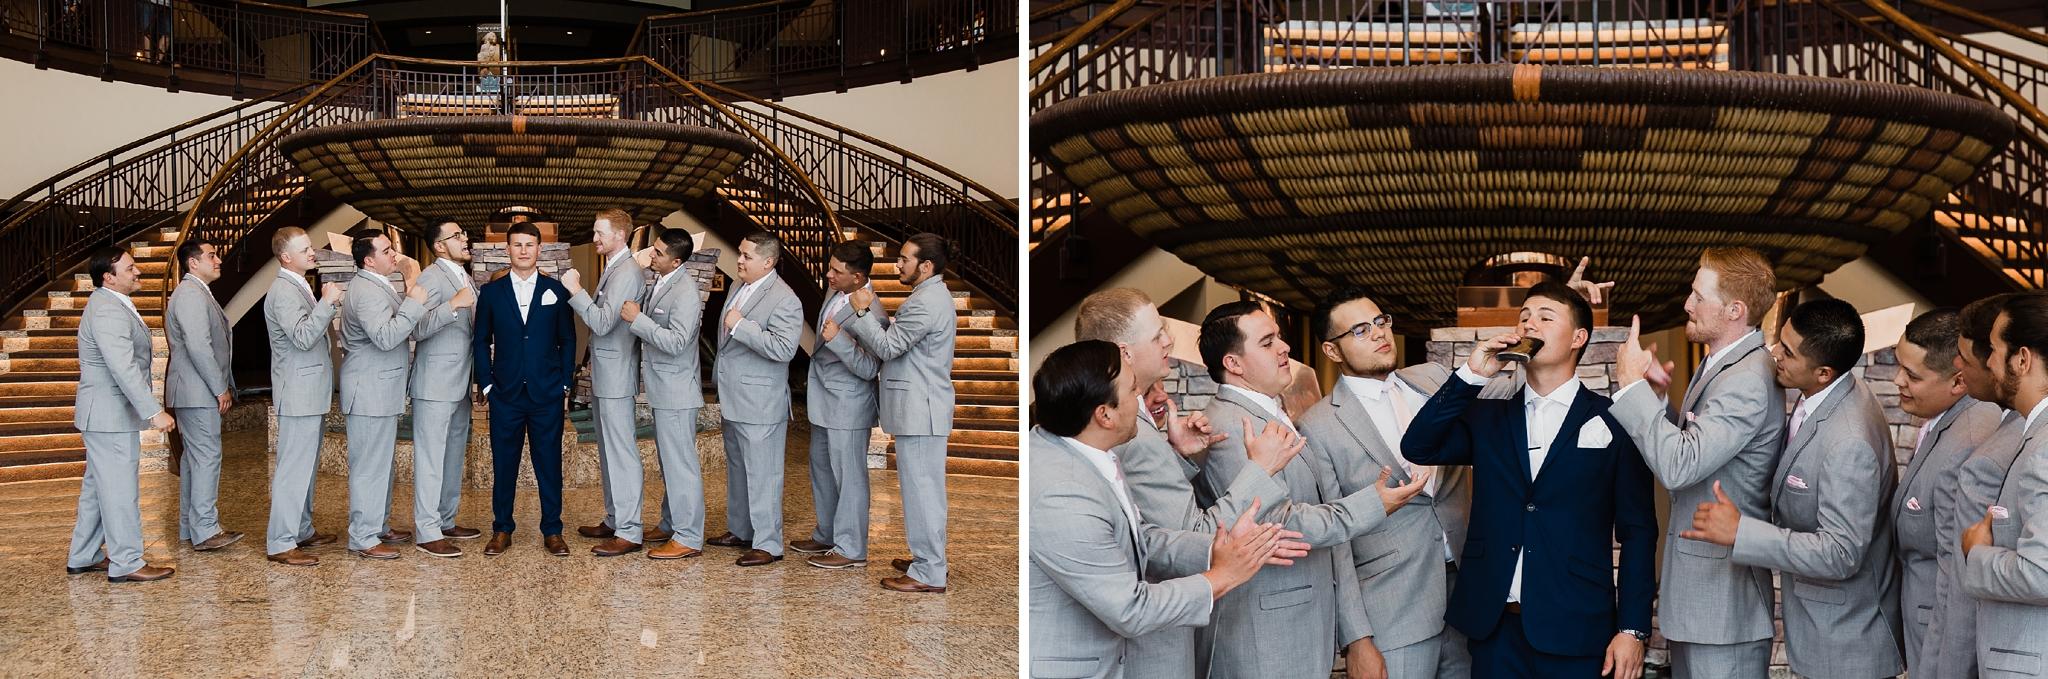 Alicia+lucia+photography+-+albuquerque+wedding+photographer+-+santa+fe+wedding+photography+-+new+mexico+wedding+photographer+-+new+mexico+wedding+-+new+mexico+wedding+-+barn+wedding+-+enchanted+vine+barn+wedding+-+ruidoso+wedding_0025.jpg